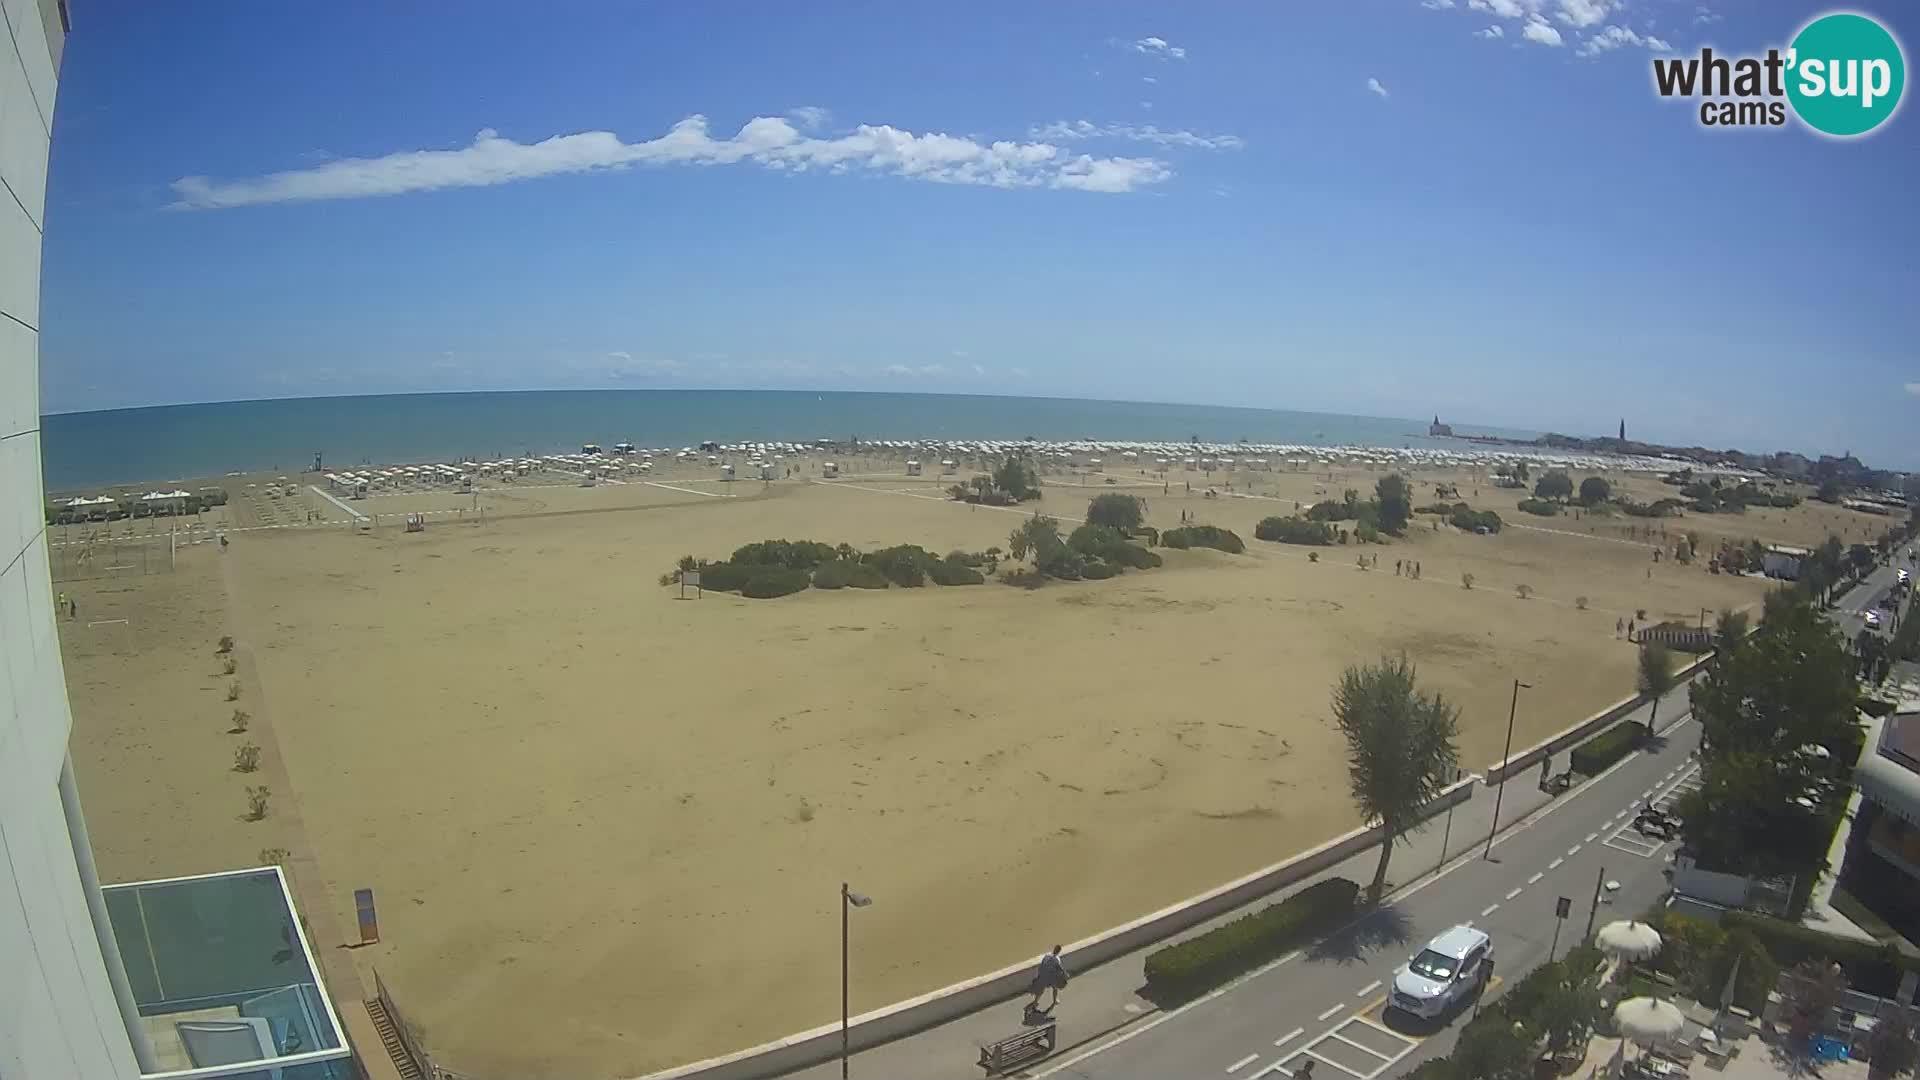 Hotel Panoramic u živo Caorle plaža Levante web kamera – Italija